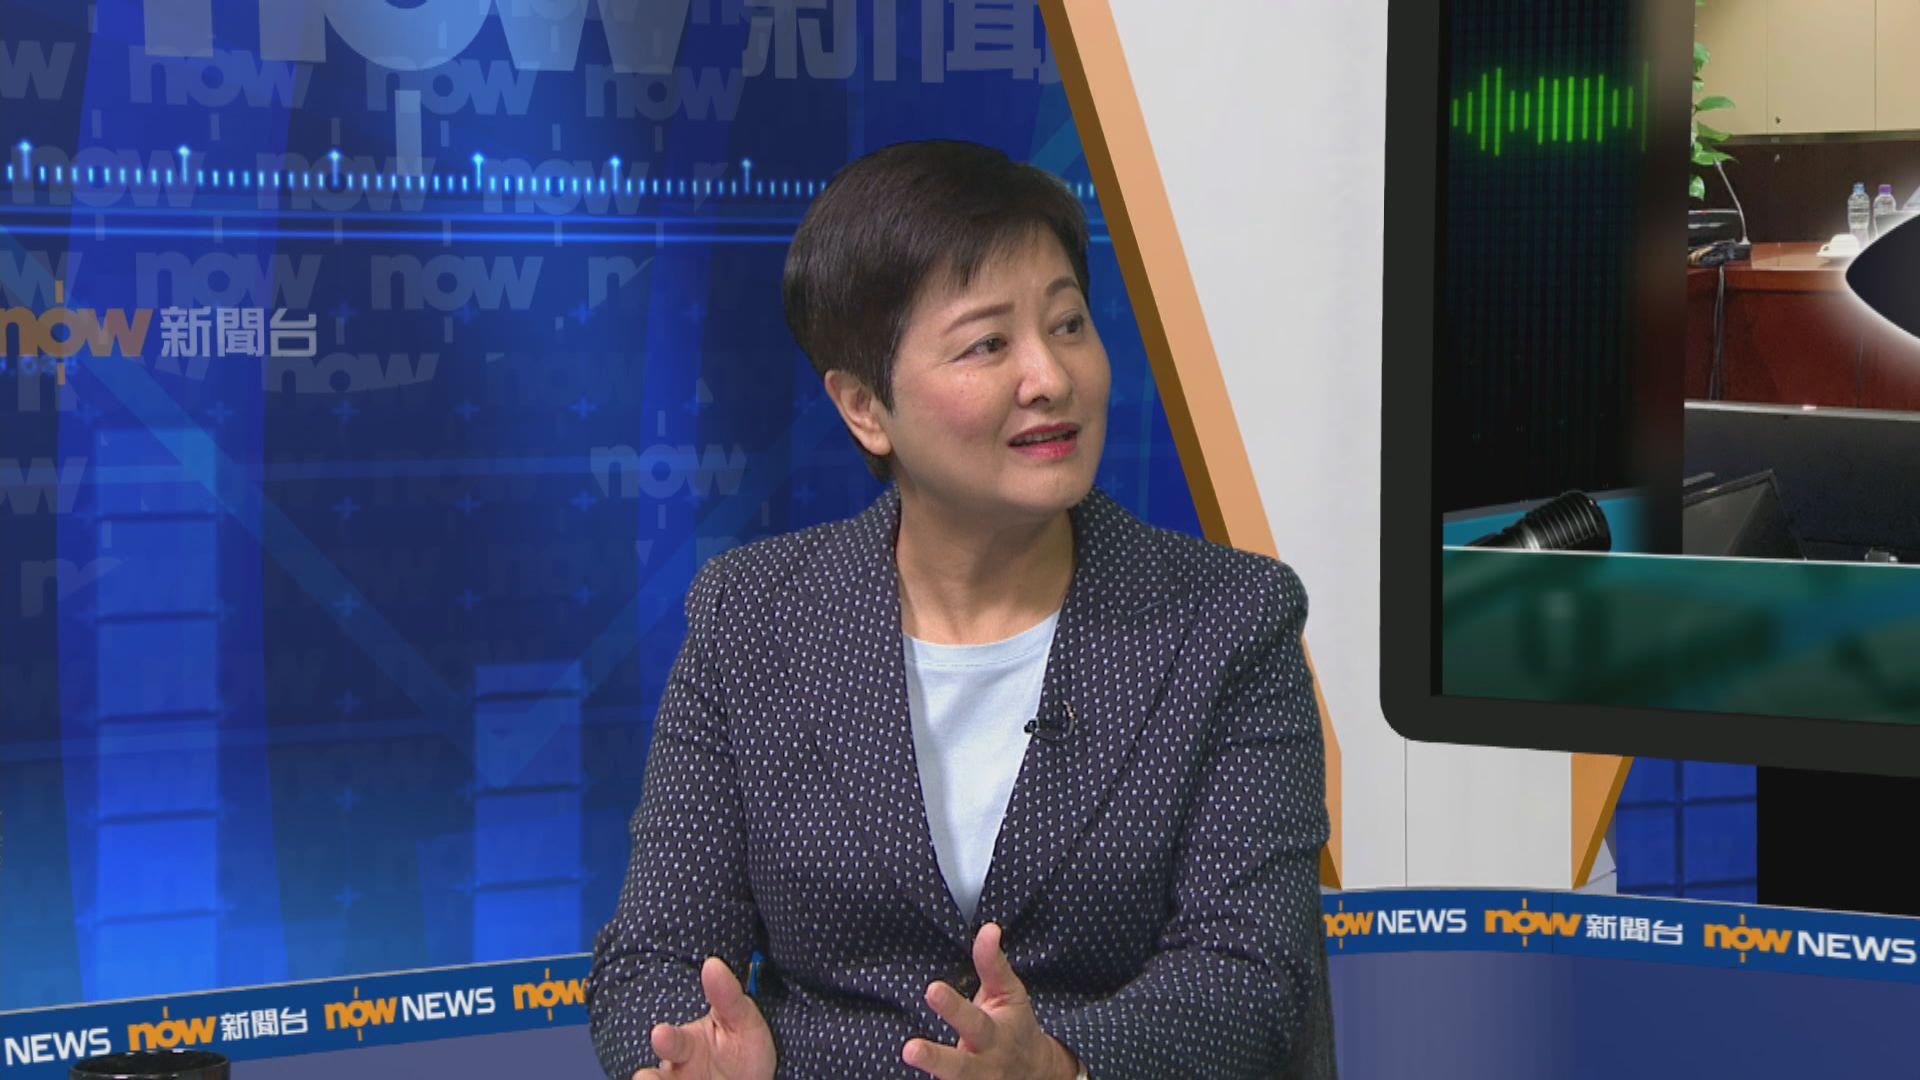 黃碧雲建議改革監警會賦予調查權力